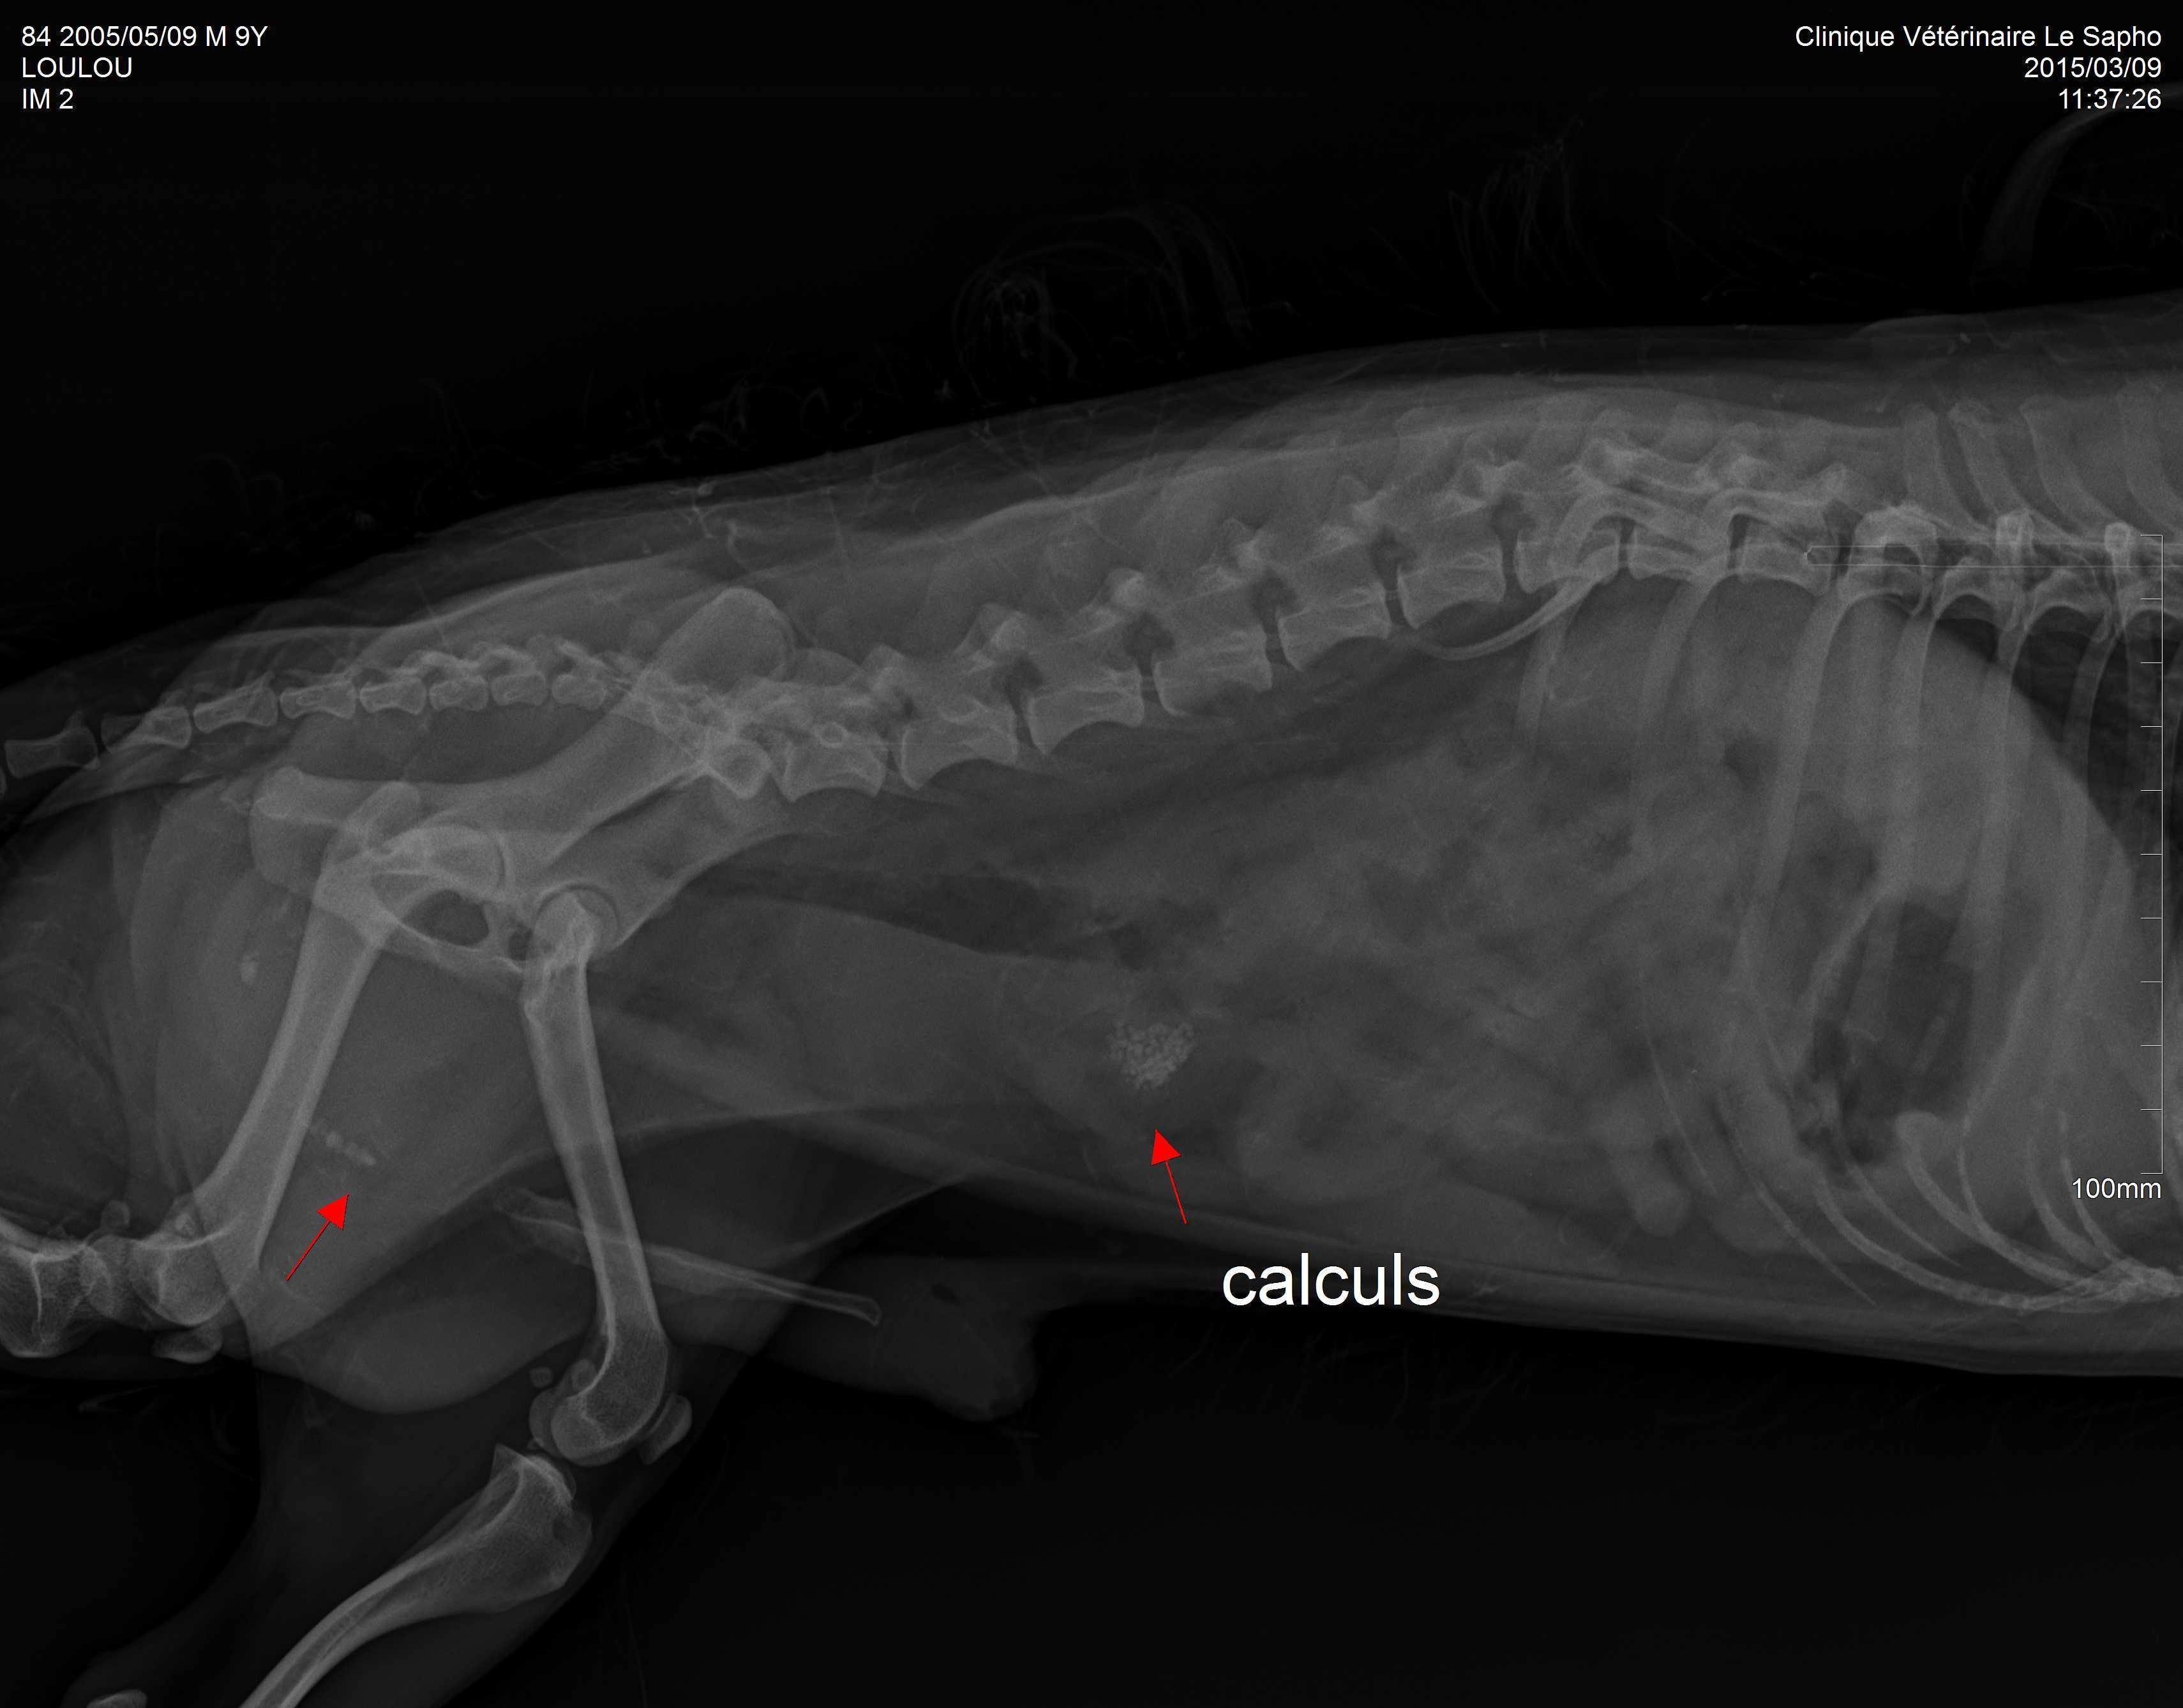 vétérinaire cagnes calculs